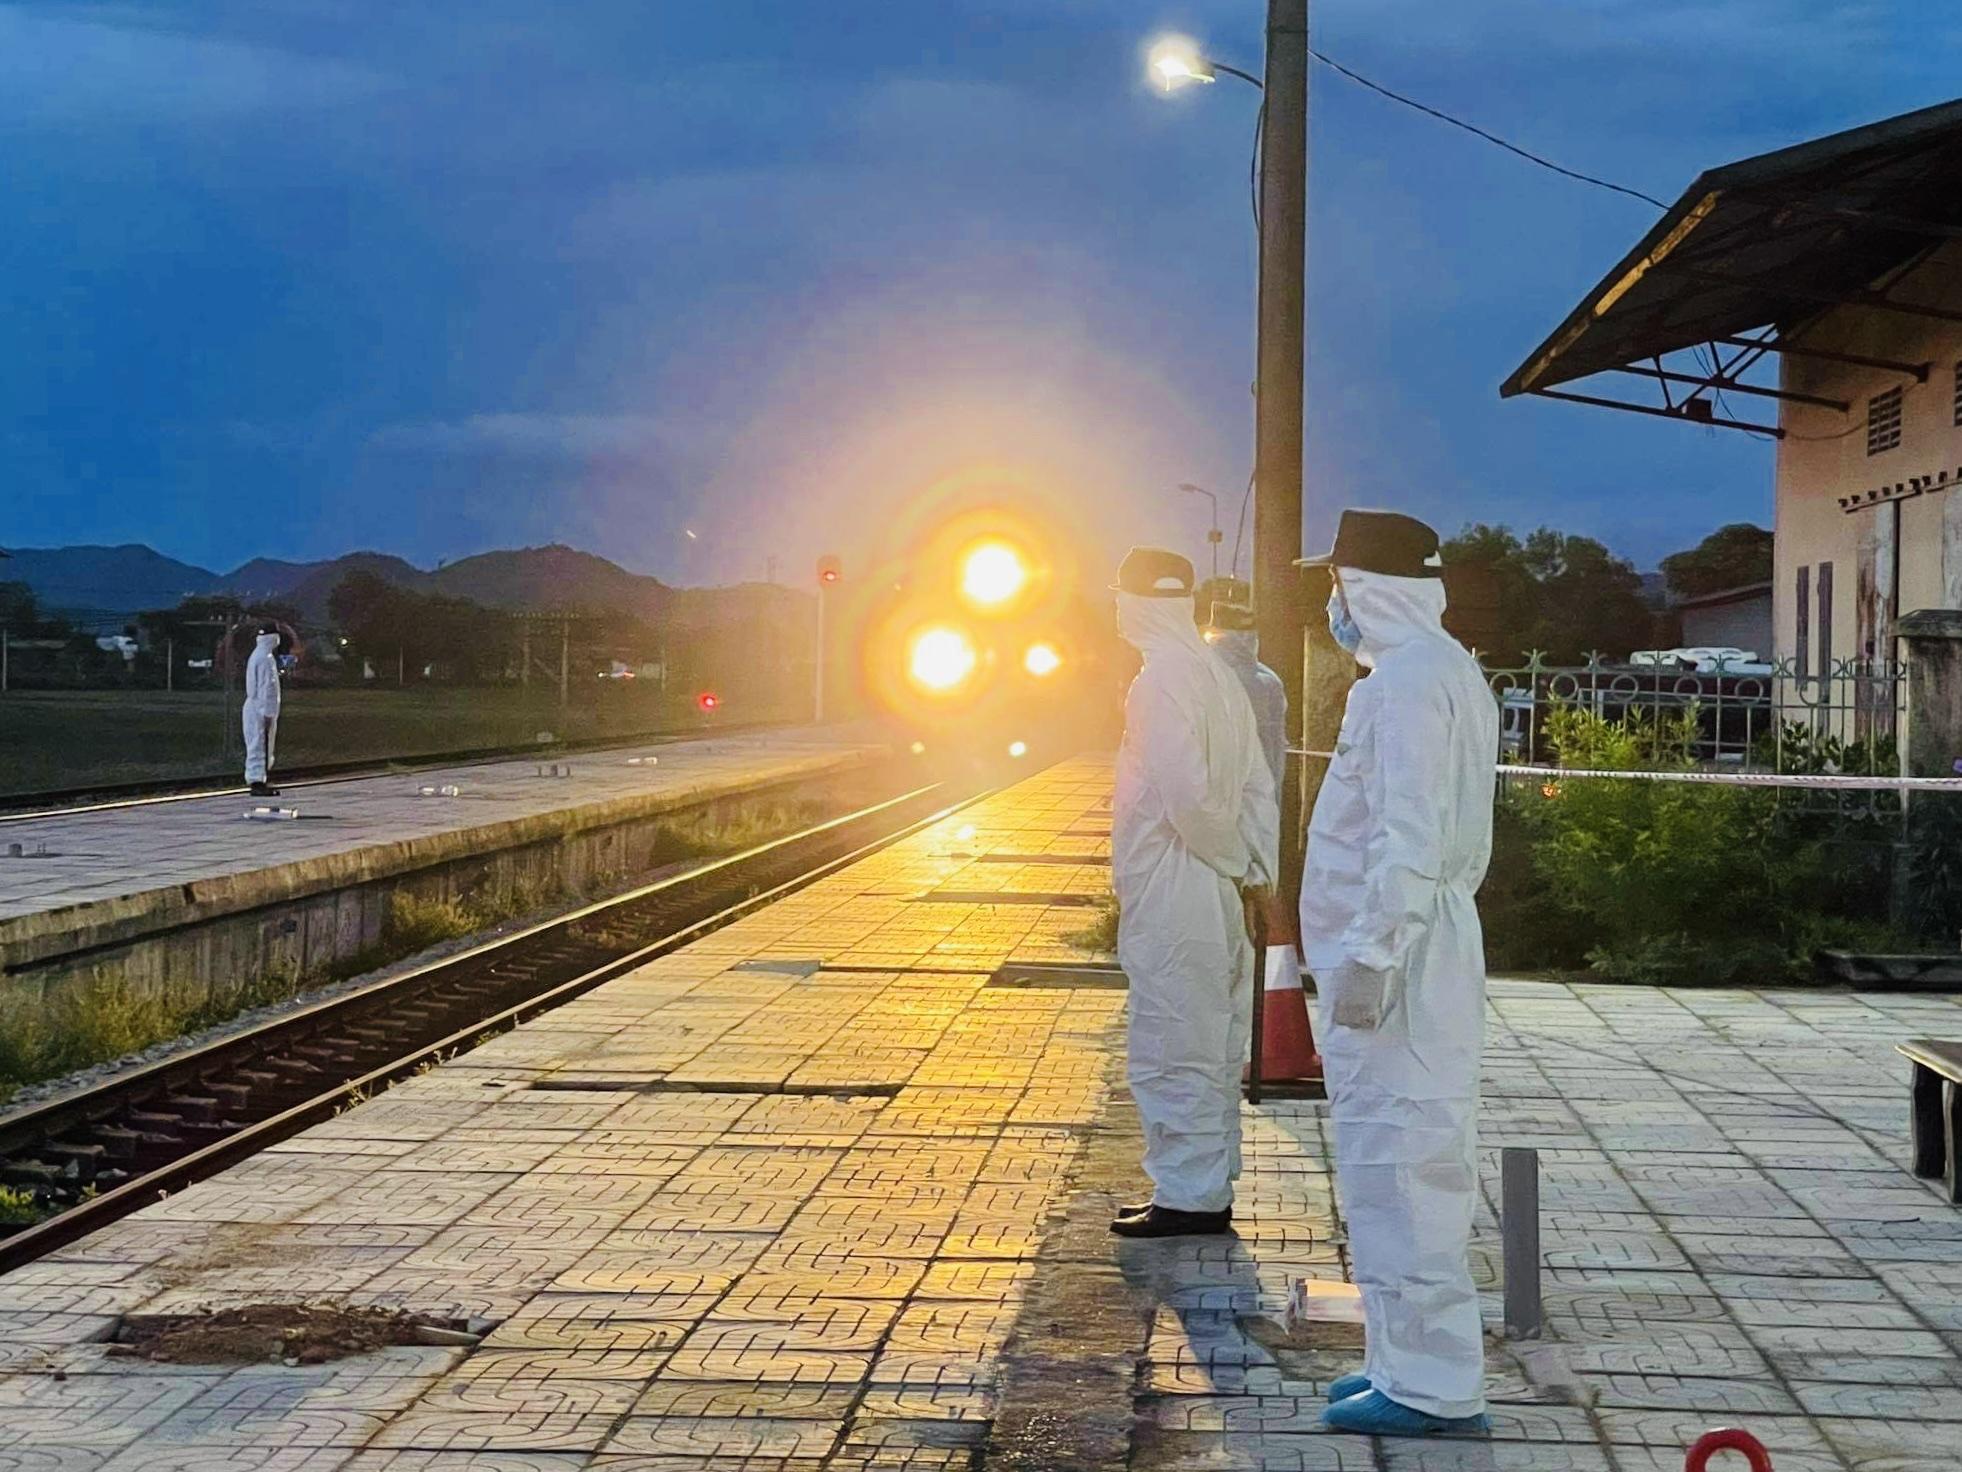 Hà Tĩnh sẽ bố trí chuyến tàu thứ 2 đón công dân về quê - Ảnh 2.